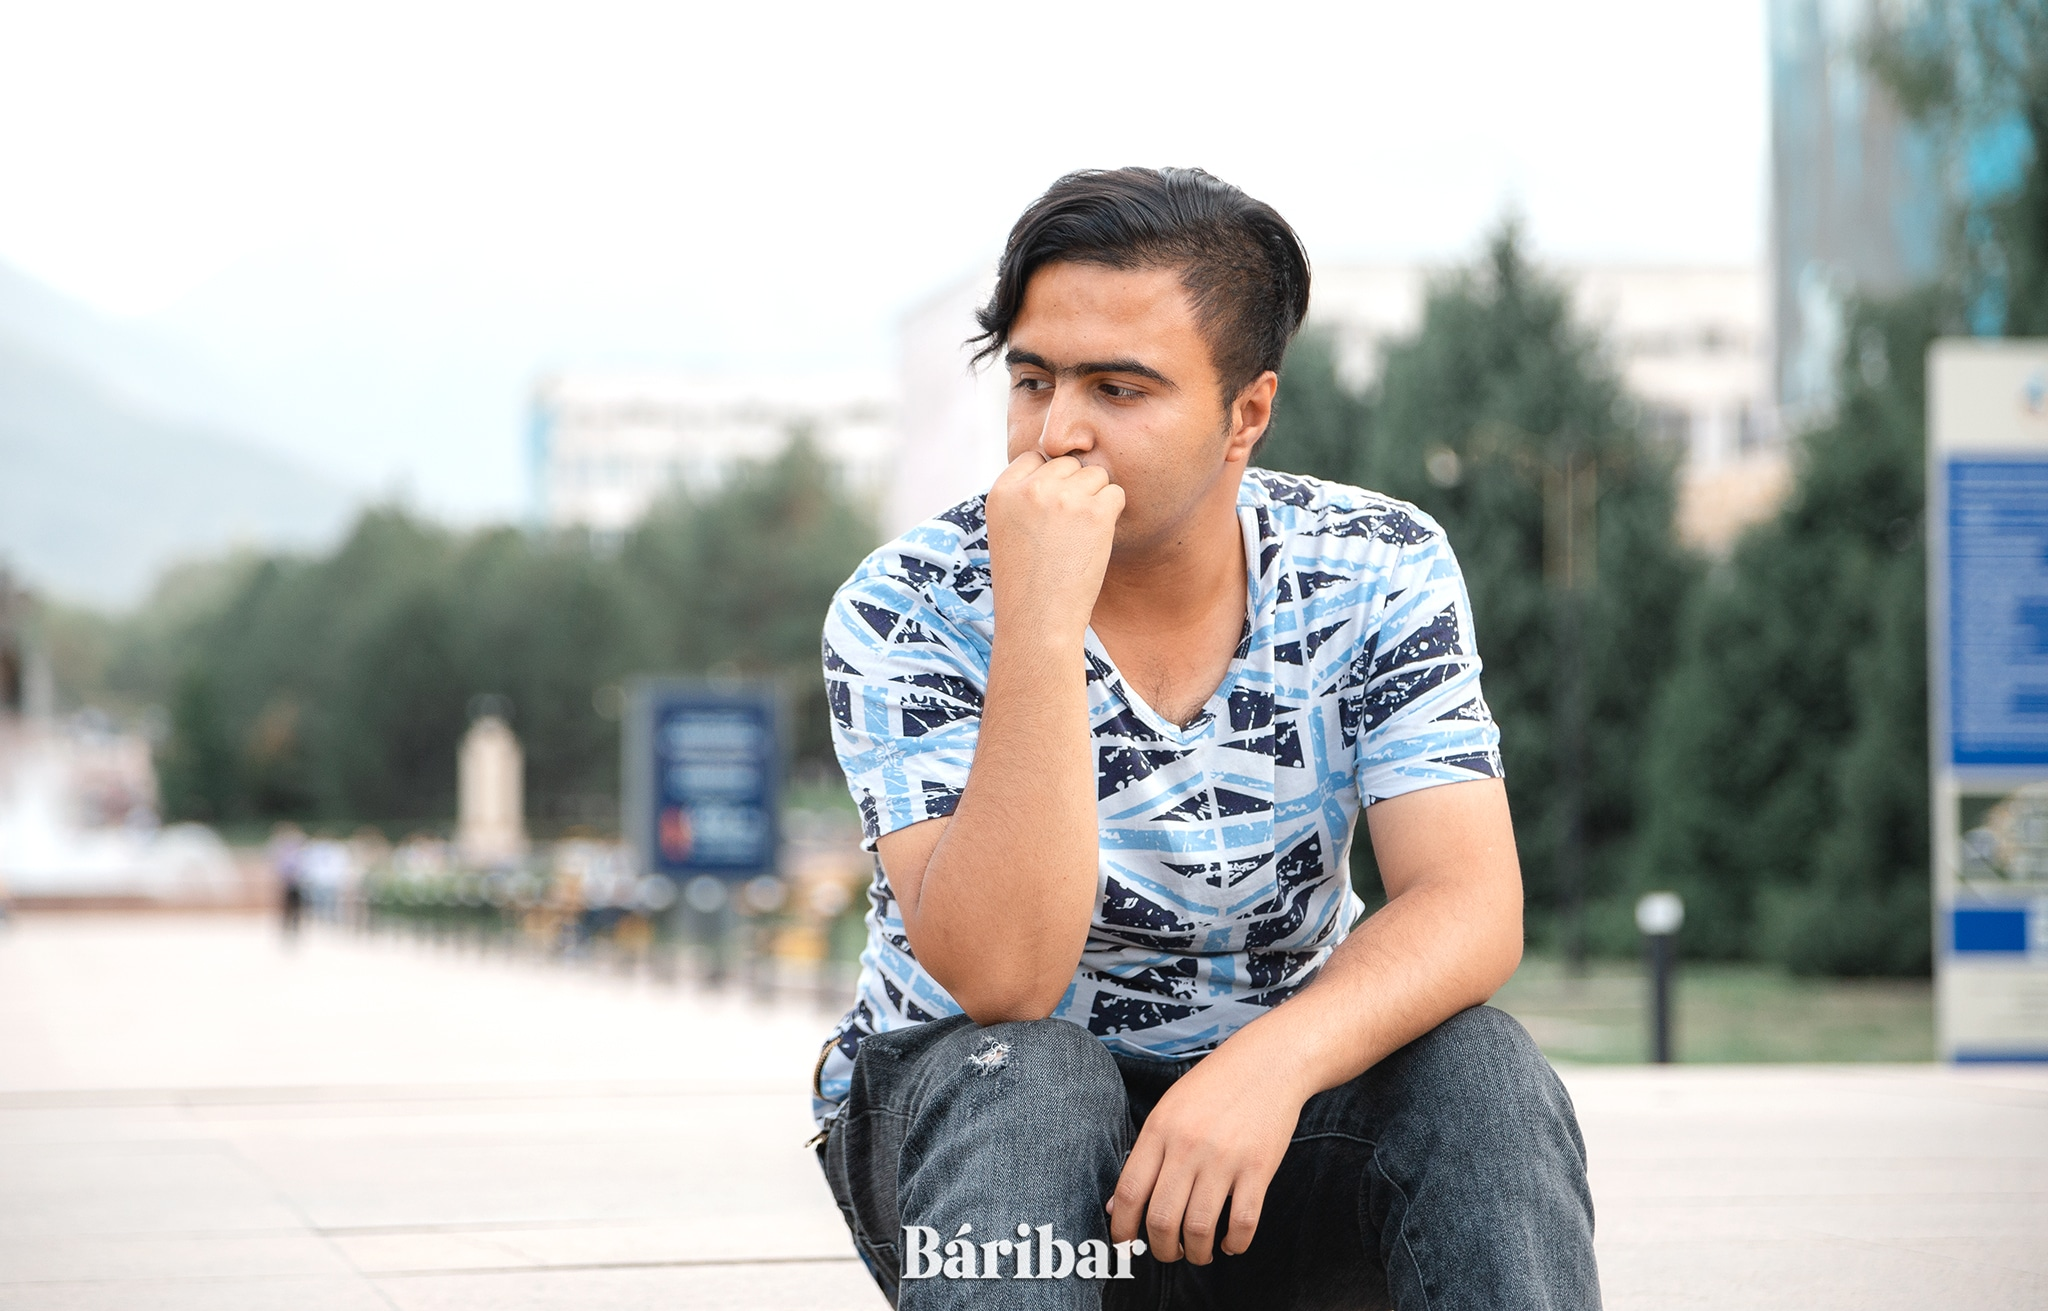 Ауғанстан, ауған азаматы, ауғанстандық студент